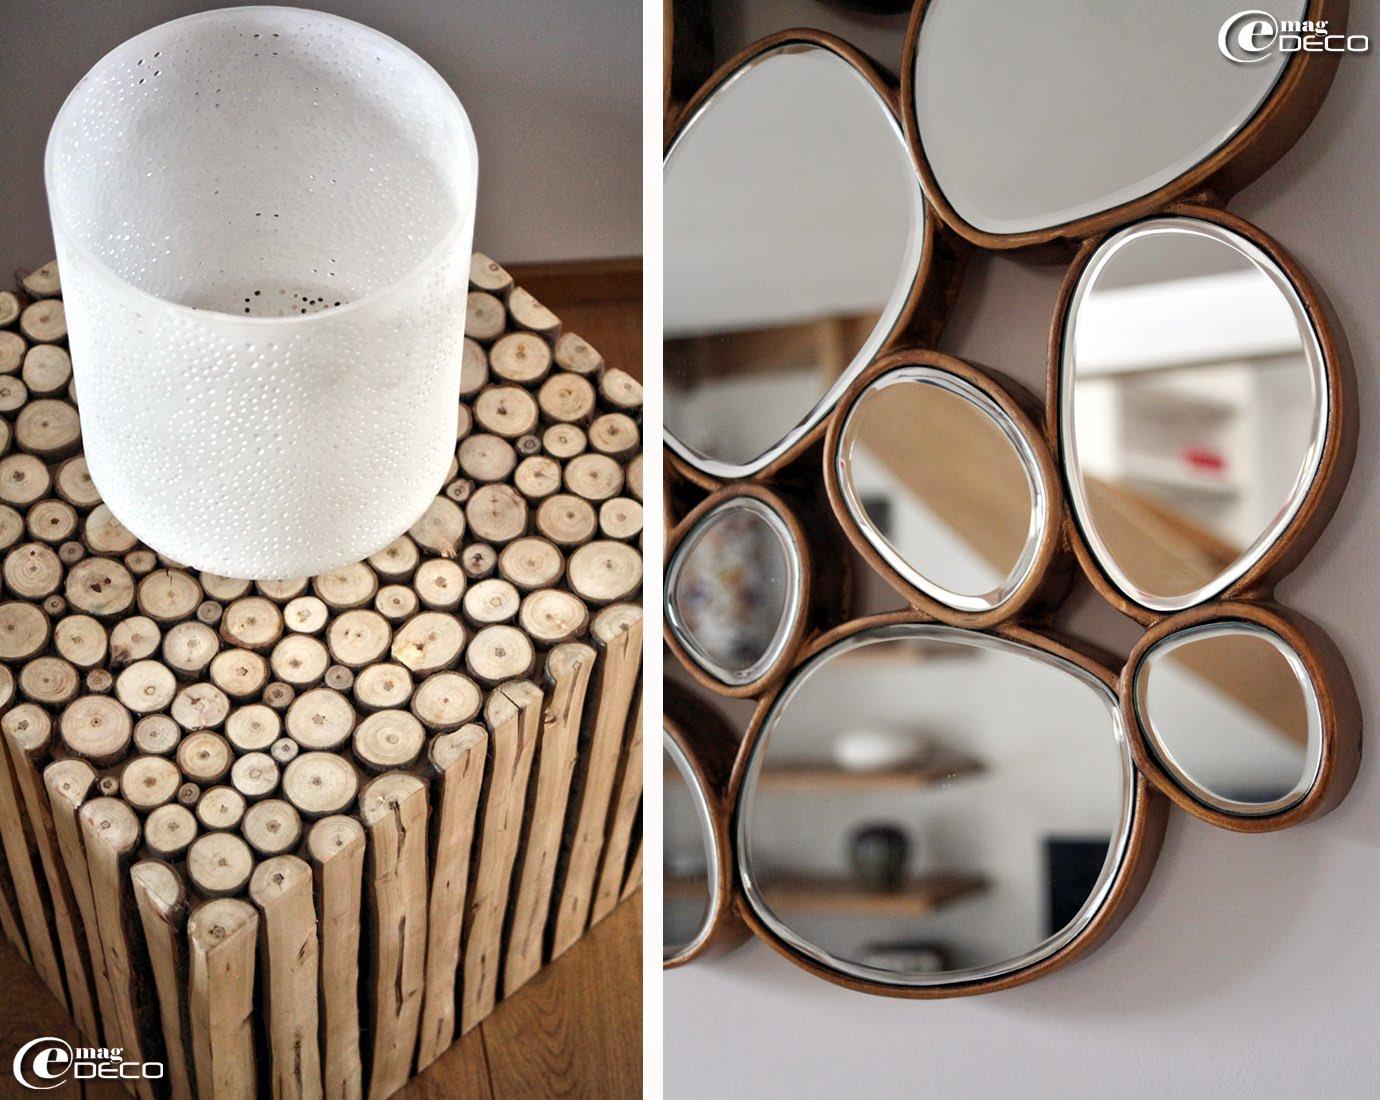 Détails d'une petite table carrée composée de rondins de bois et d'un miroir galets